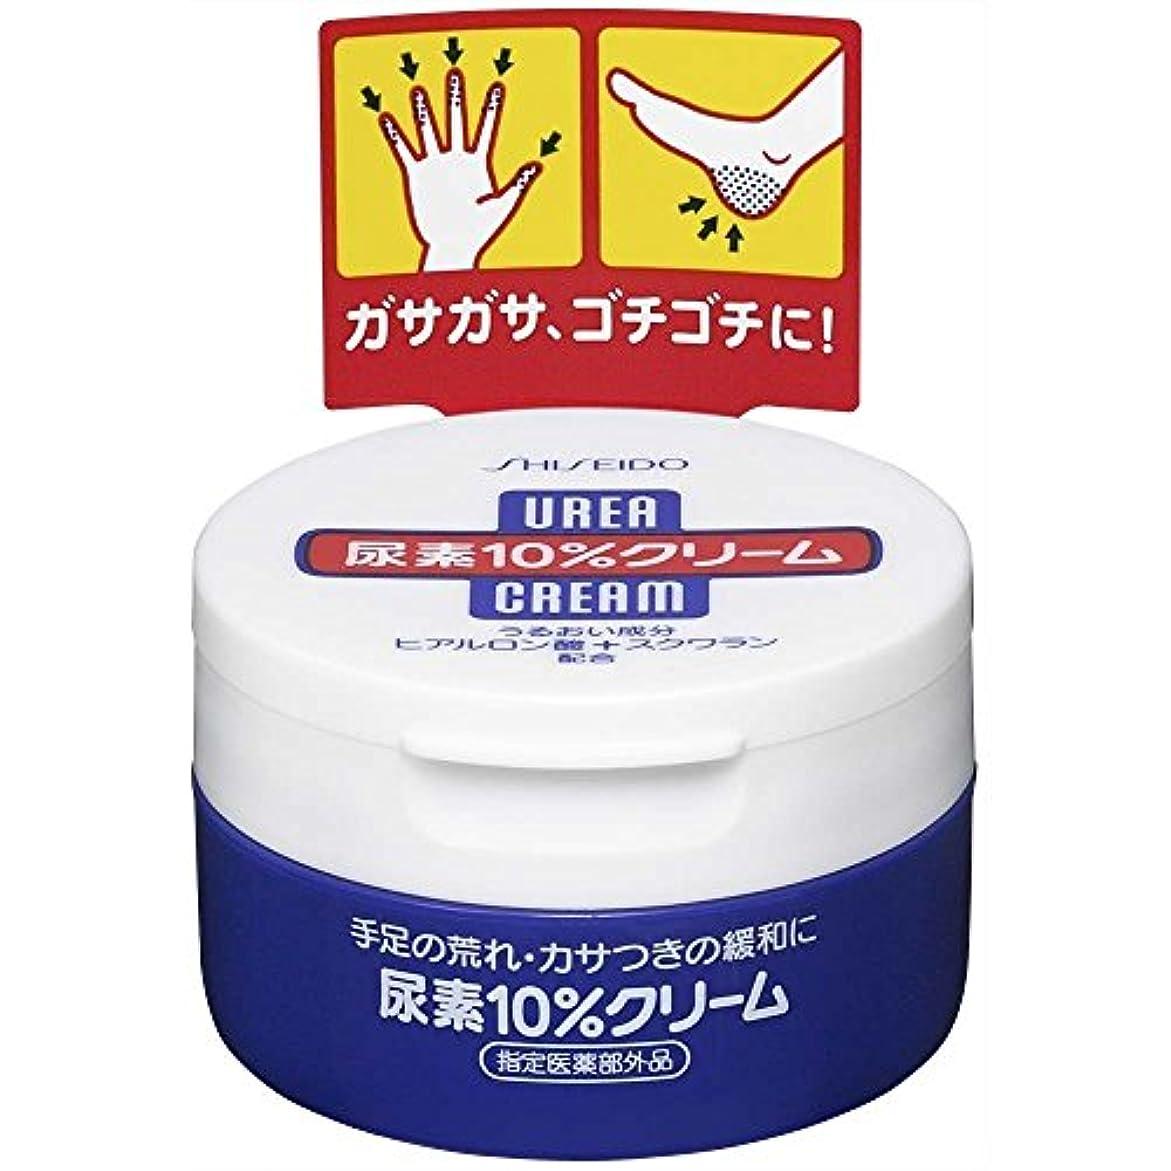 ピット名前慣習資生堂 尿素10%クリーム 100g(医薬部外品)